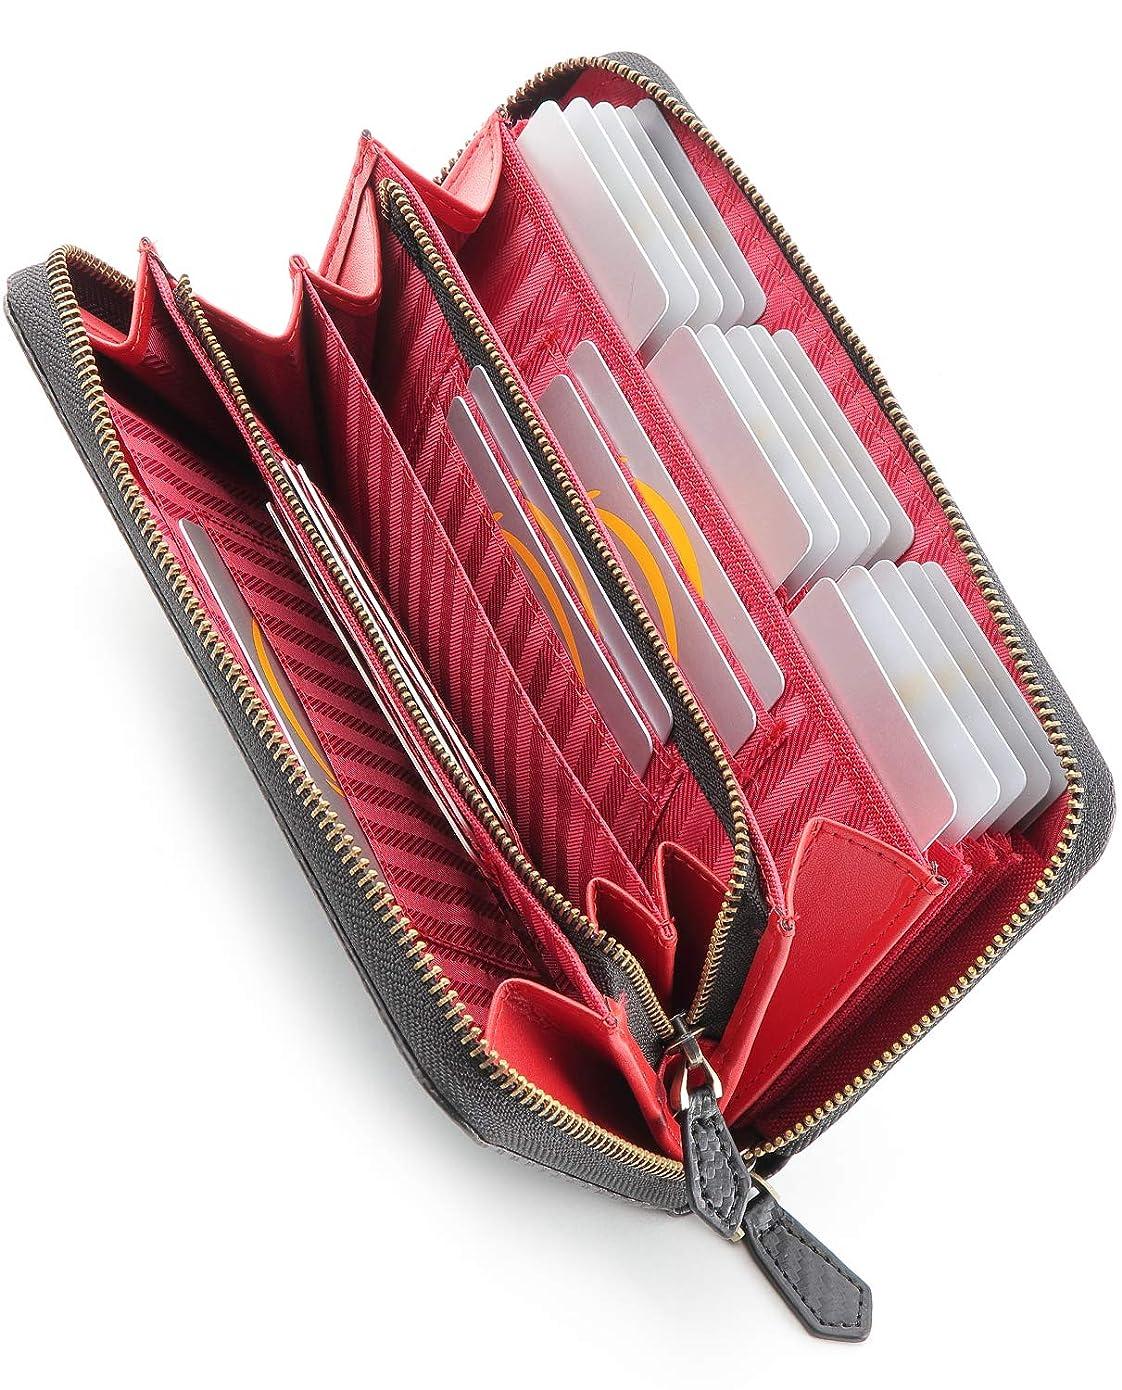 共役腐敗した反逆n&t(エヌ&ティー)長財布 メンズ ラウンドファスナー カーボンレザー 小銭入れ カード 26枚収納可